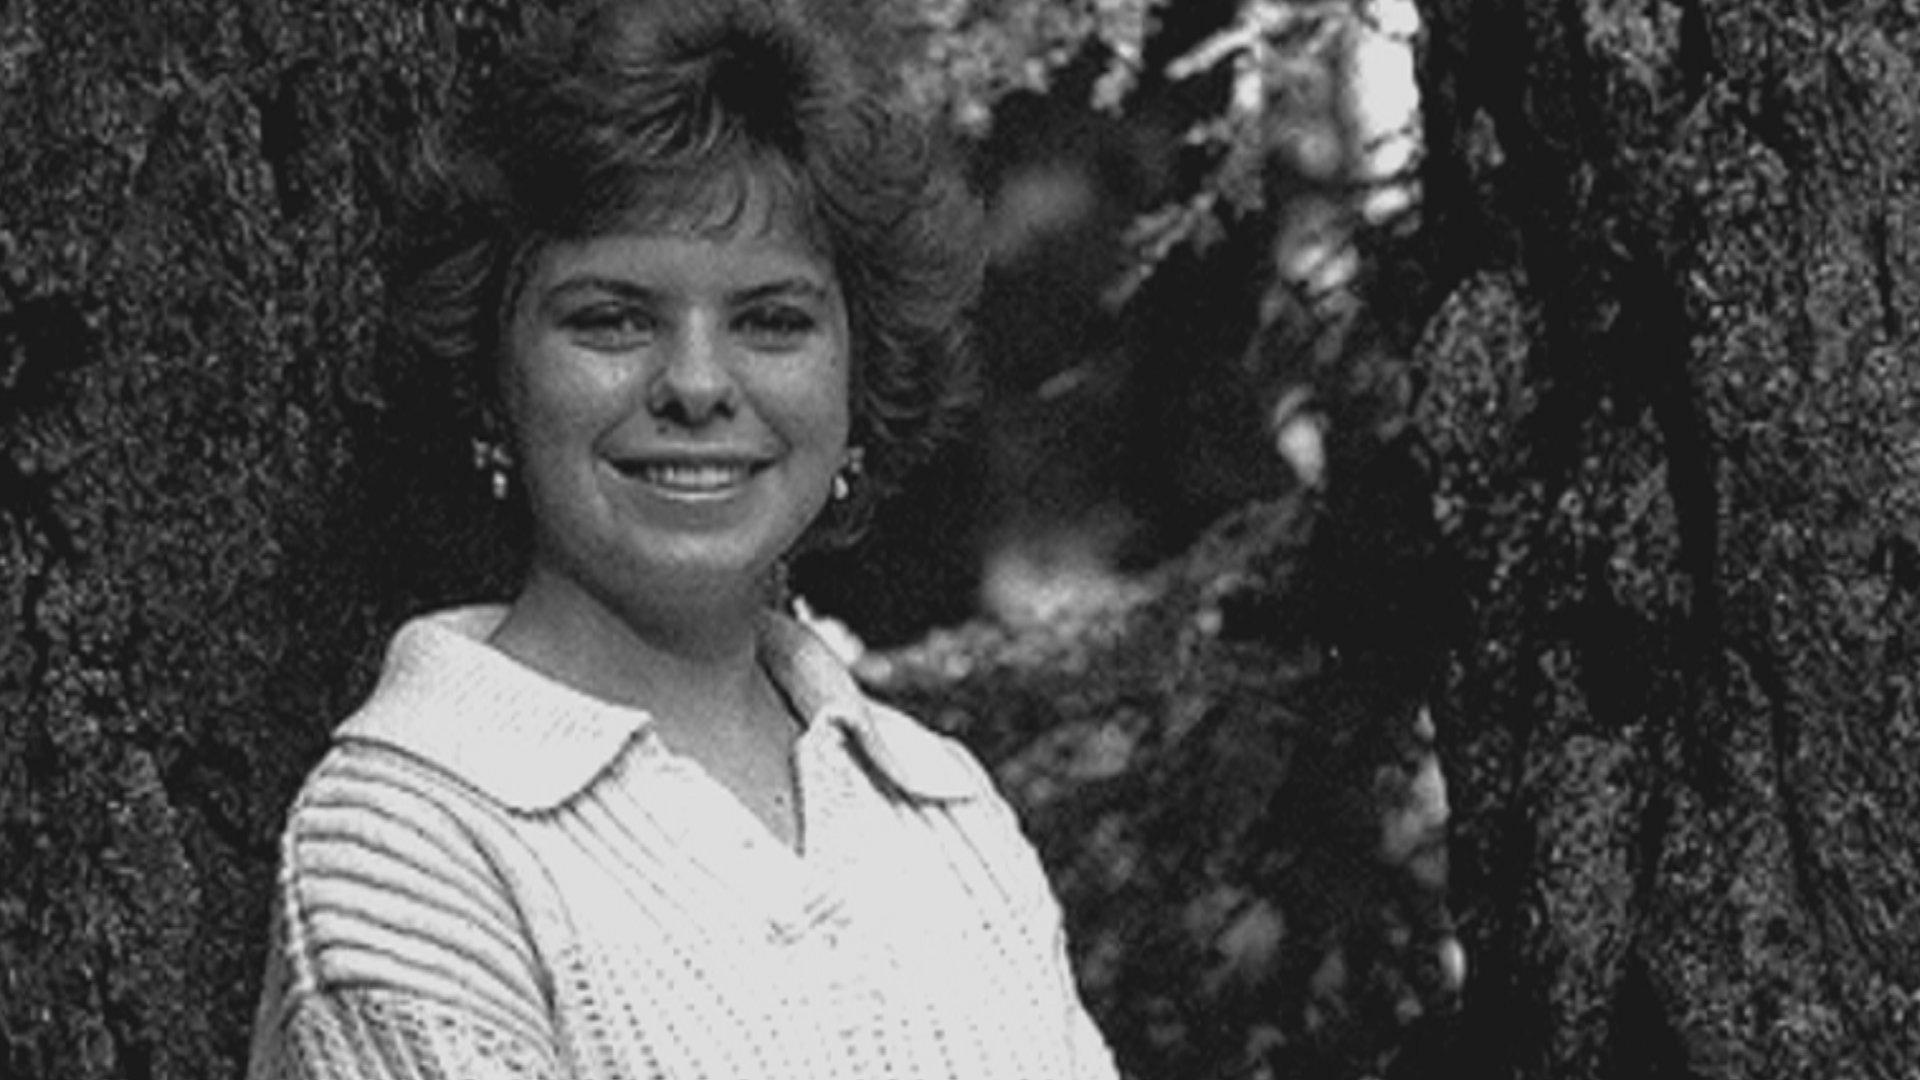 ¿Accidente o asesinato? La esposa del pastor fue encontrada muerta en la cama después del incendio, y no había intentado moverse